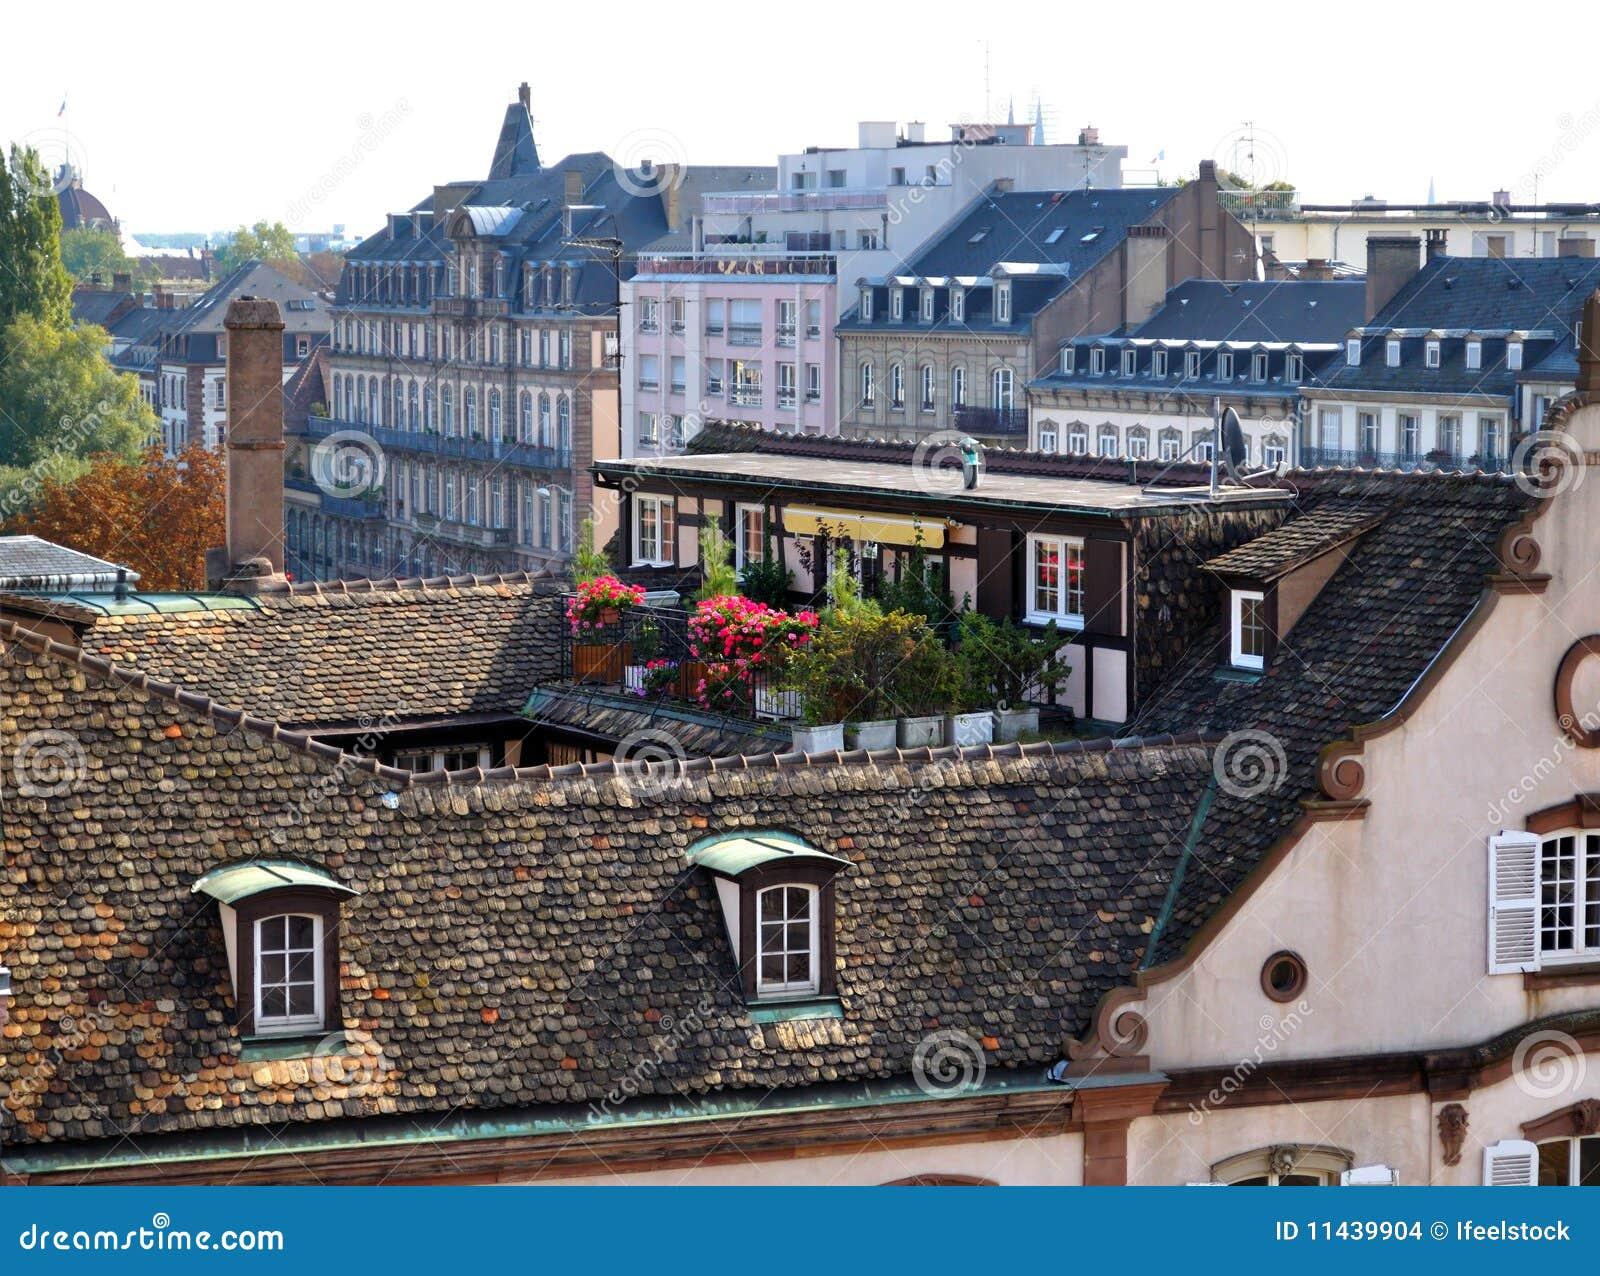 Giardino sul tetto immagini stock immagine 11439904 - Giardino sul tetto ...